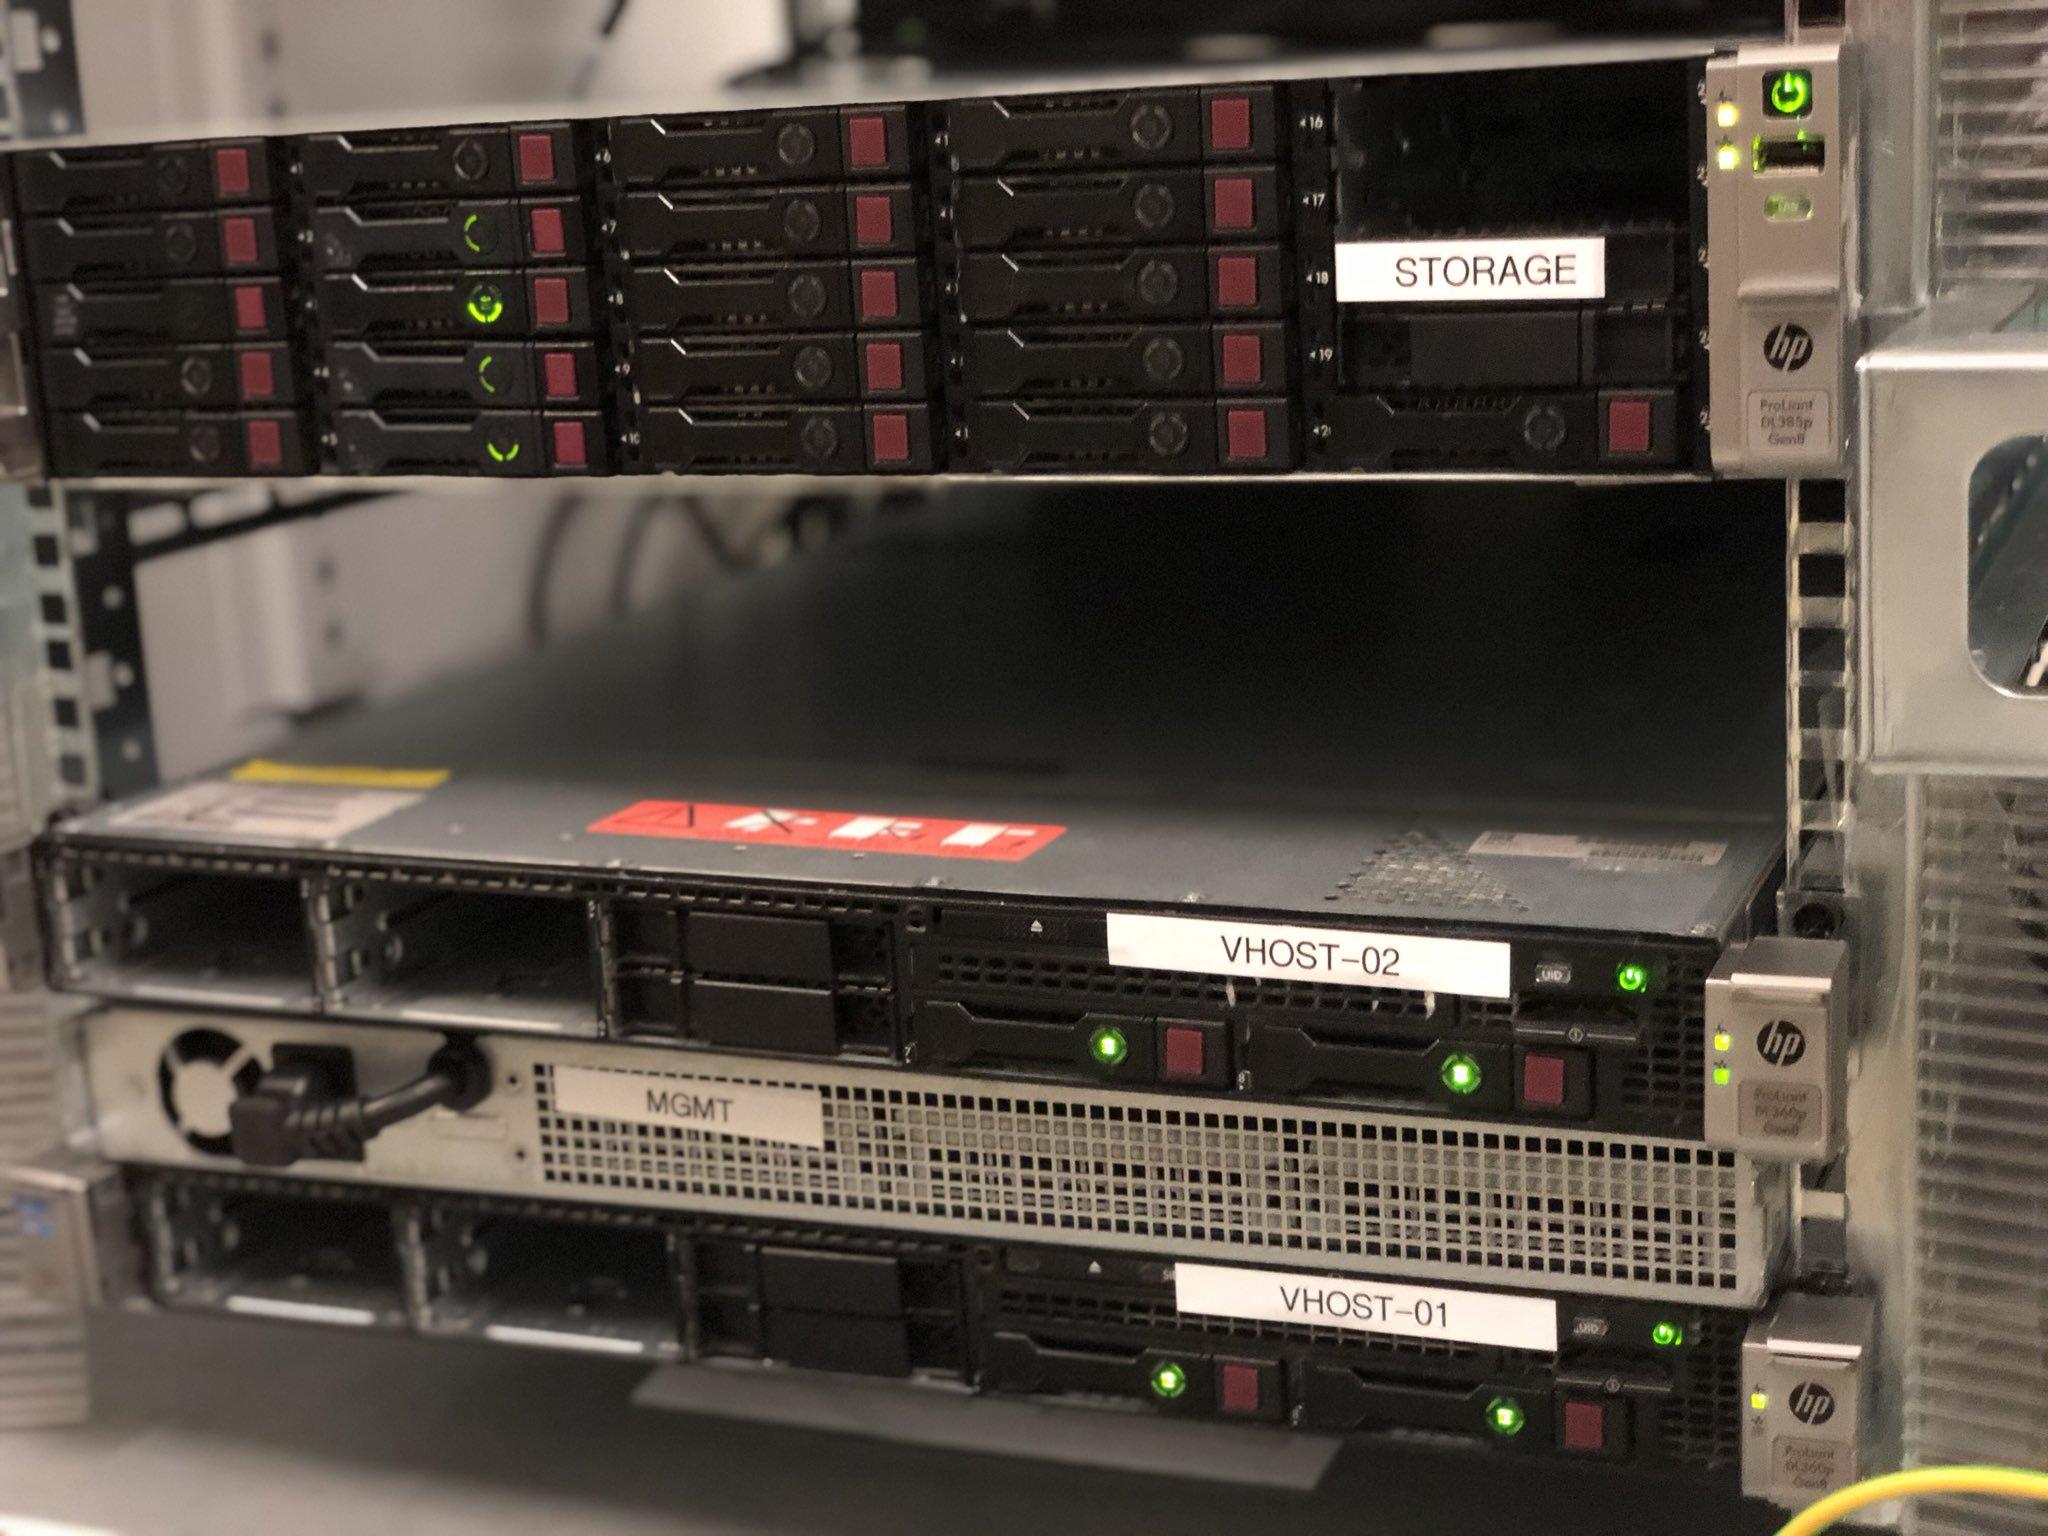 [Venocix] 2GB RAM, 2 Kerne, 40GB SSD - Prepaid KVM/ROOT/VPS SSD Server Frankfurt